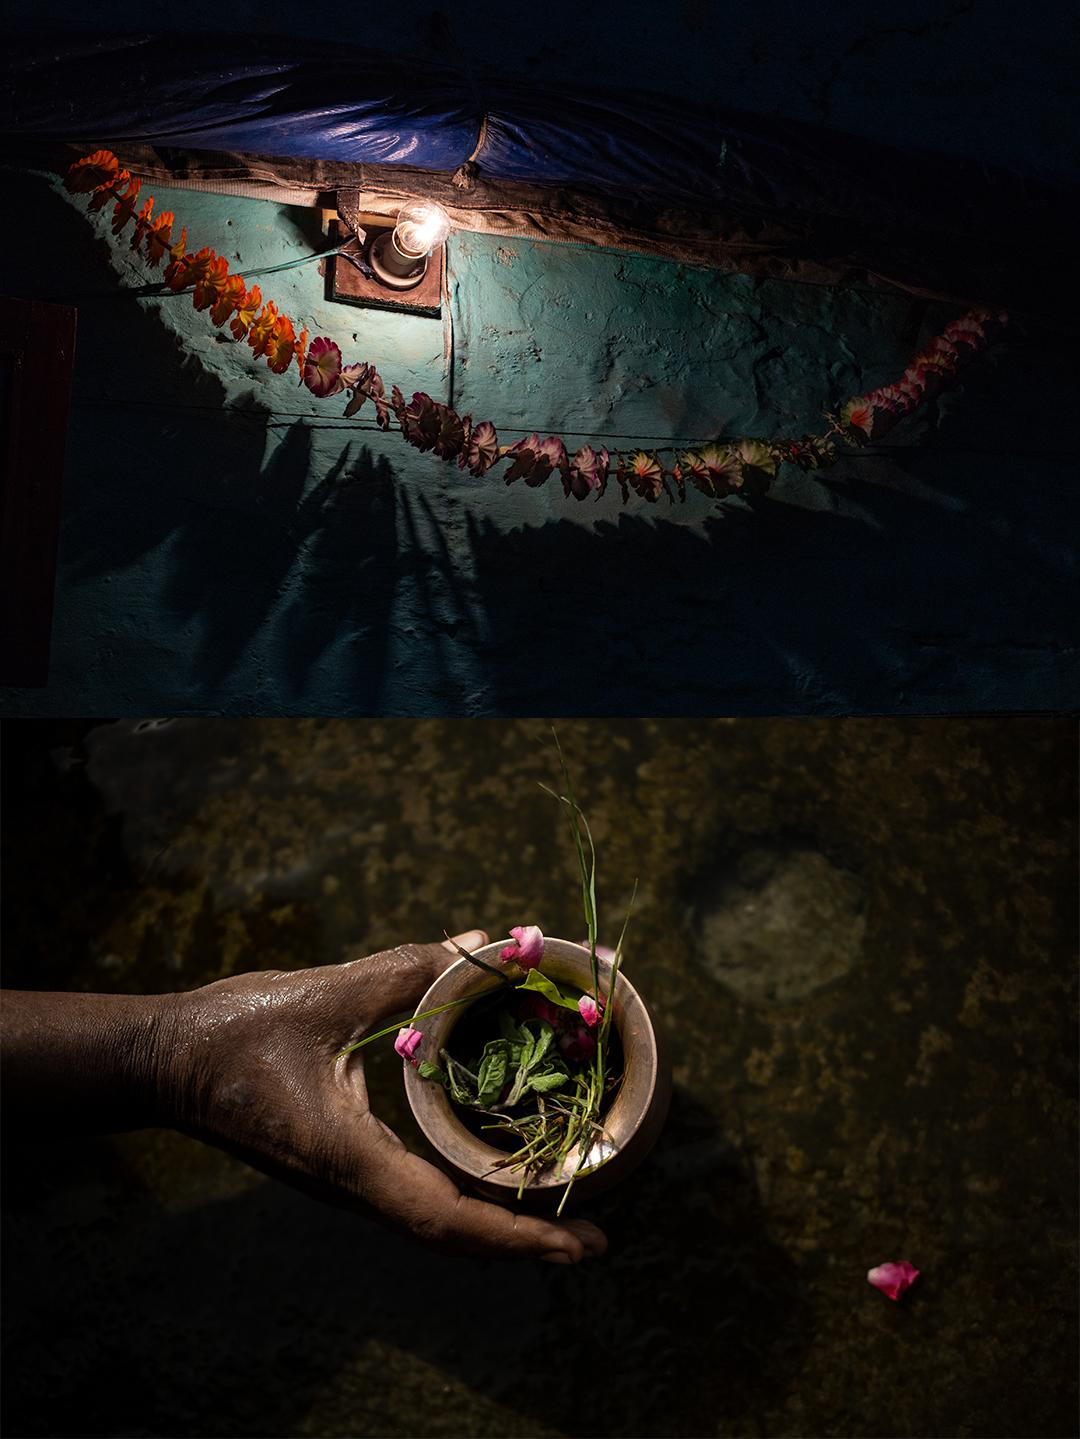 As flores são utilizadas em diversos rituais hindus – seja como adereço religioso na parte externa das casas (no topo) ou em oferendas no Rio Ganges